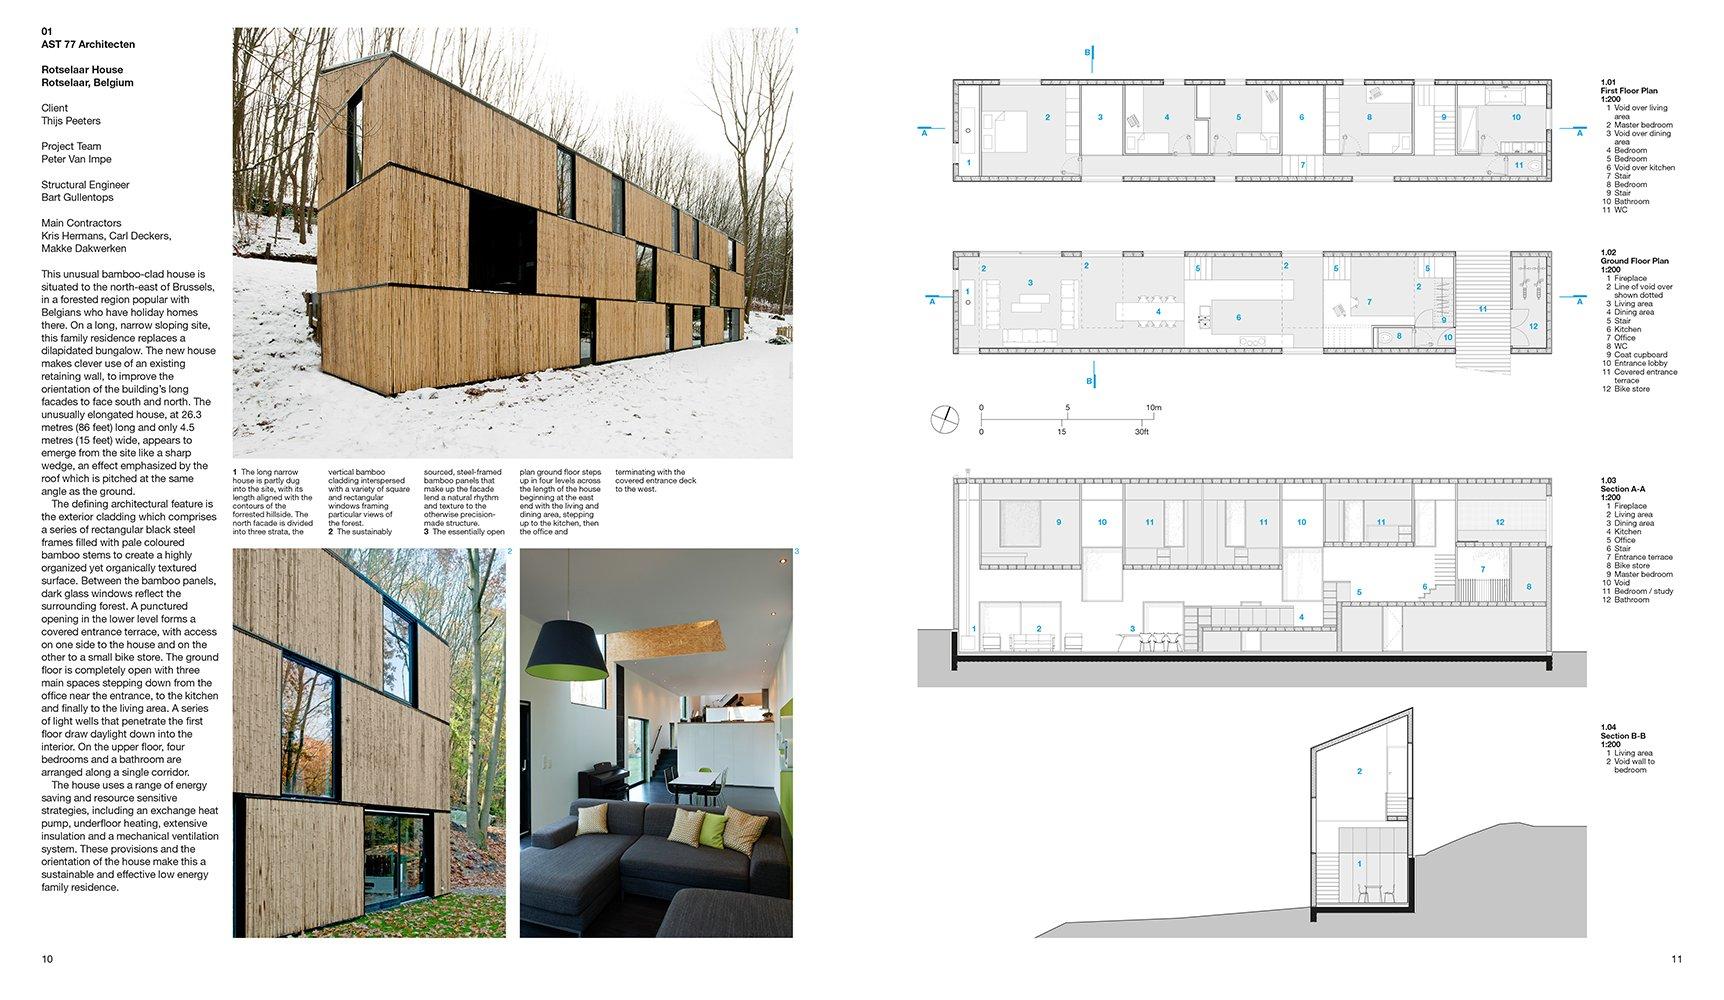 Detail In Contemporary Residential Architecture 2: Amazon.de: David  Phillips, Megumi Yamashita: Fremdsprachige Bücher